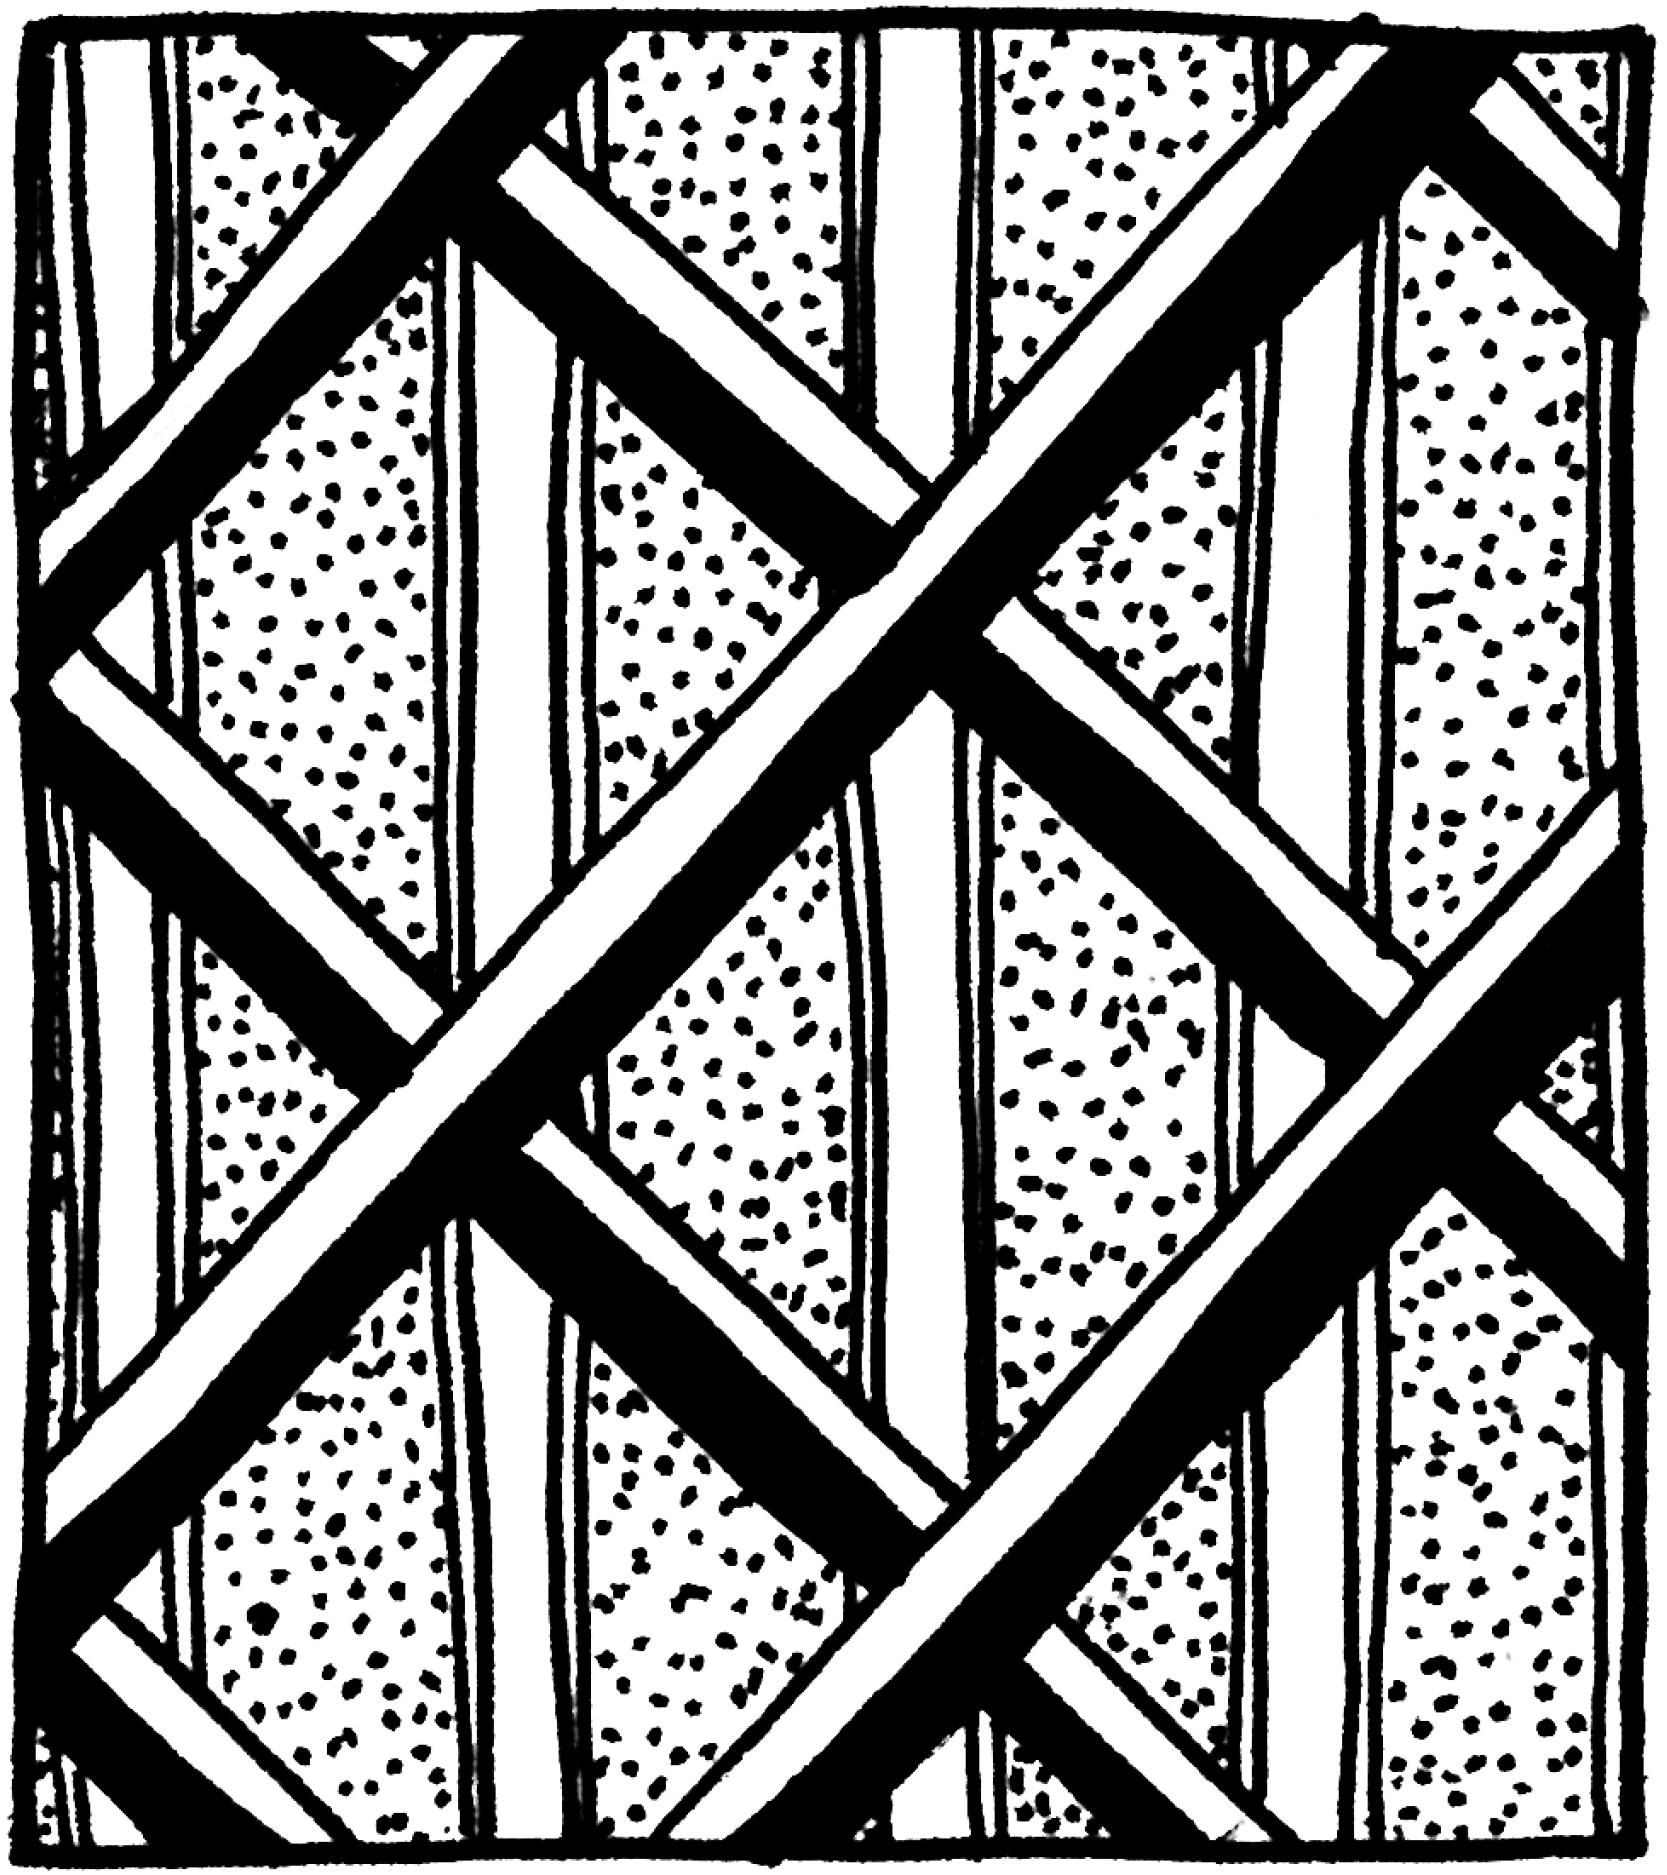 Valencia_patterns30.jpg